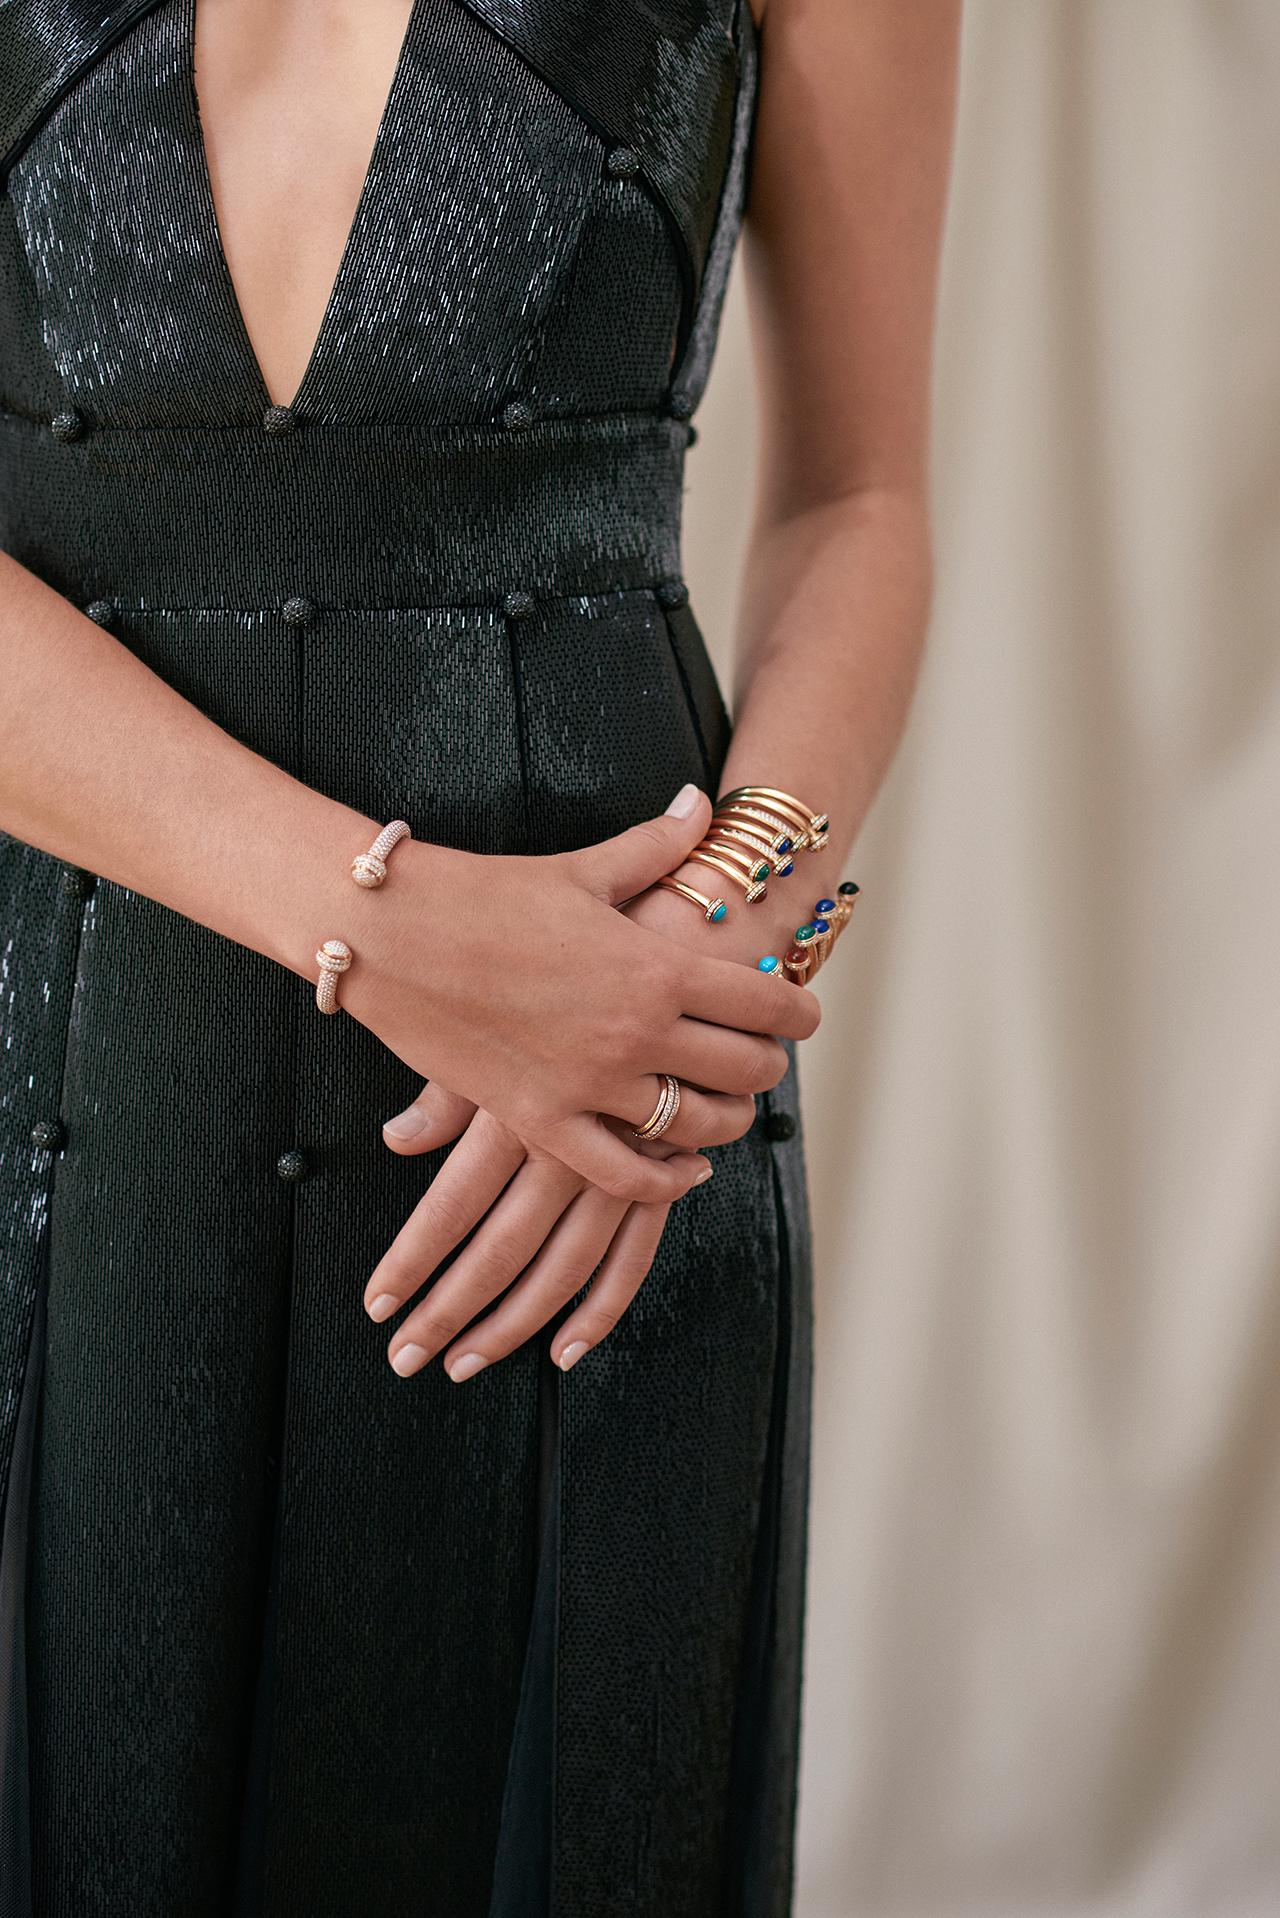 화이트 골드에 다이아몬드를 세팅한 포제션 오픈 뱅글 브레이슬릿은 9천 300만원으로 Piaget.다양한 포제션 오픈 뱅글 브레이슬릿 675만원부터 8천 600만원으로 Piaget.